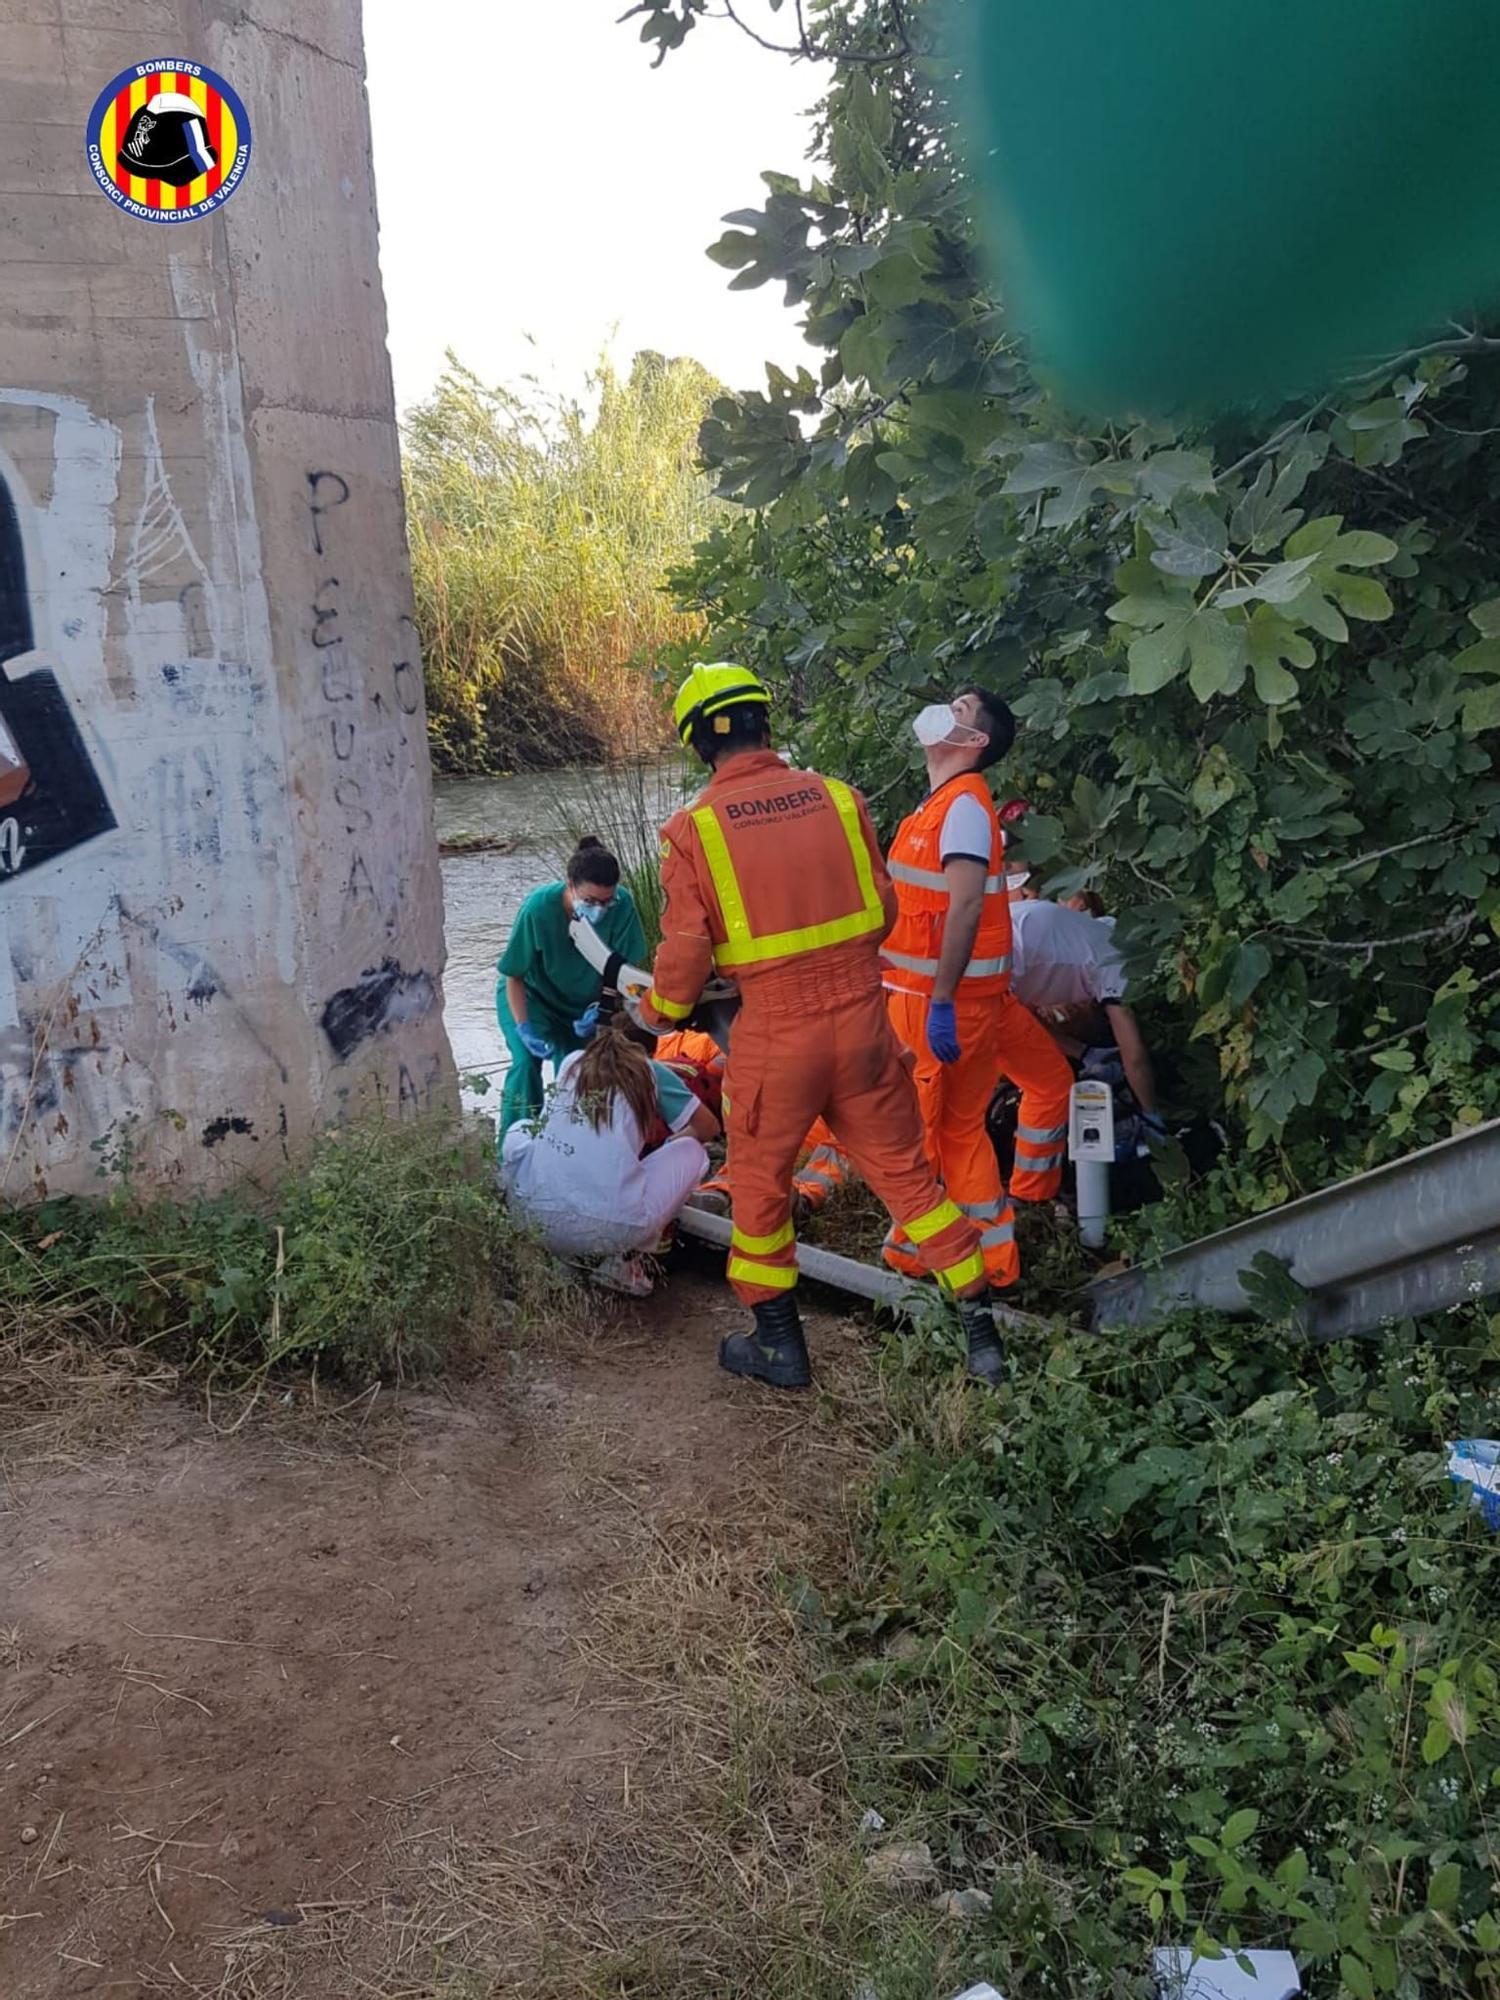 Muere un trabajador al caer de un puente en obras en Riba-roja